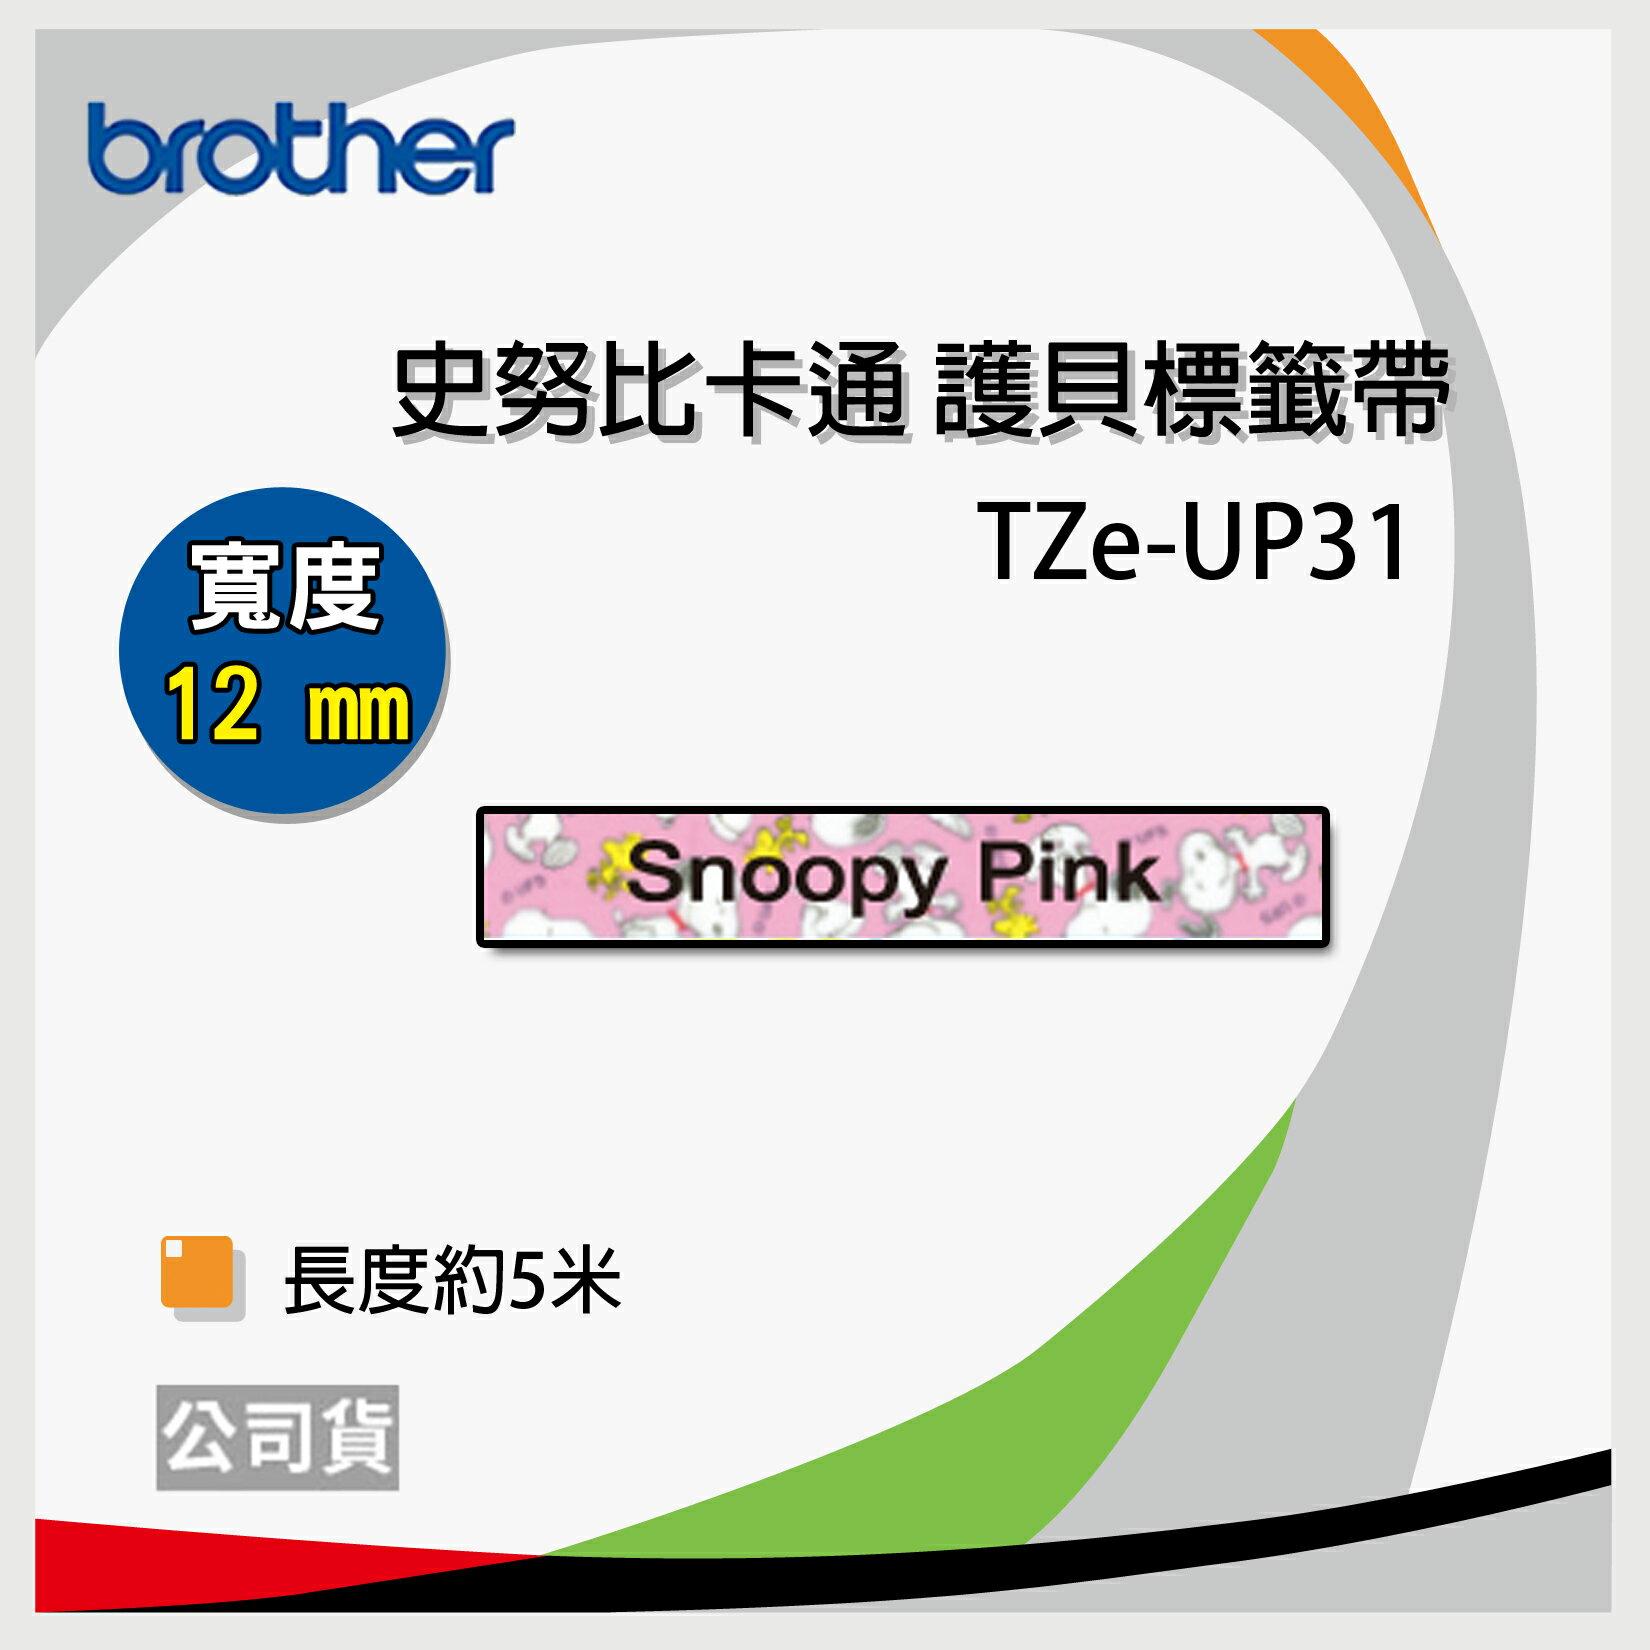 Brother 12mm 原廠卡通護貝標籤帶 SNOOPY史努比 TZe-UP31 粉紅色底黑字